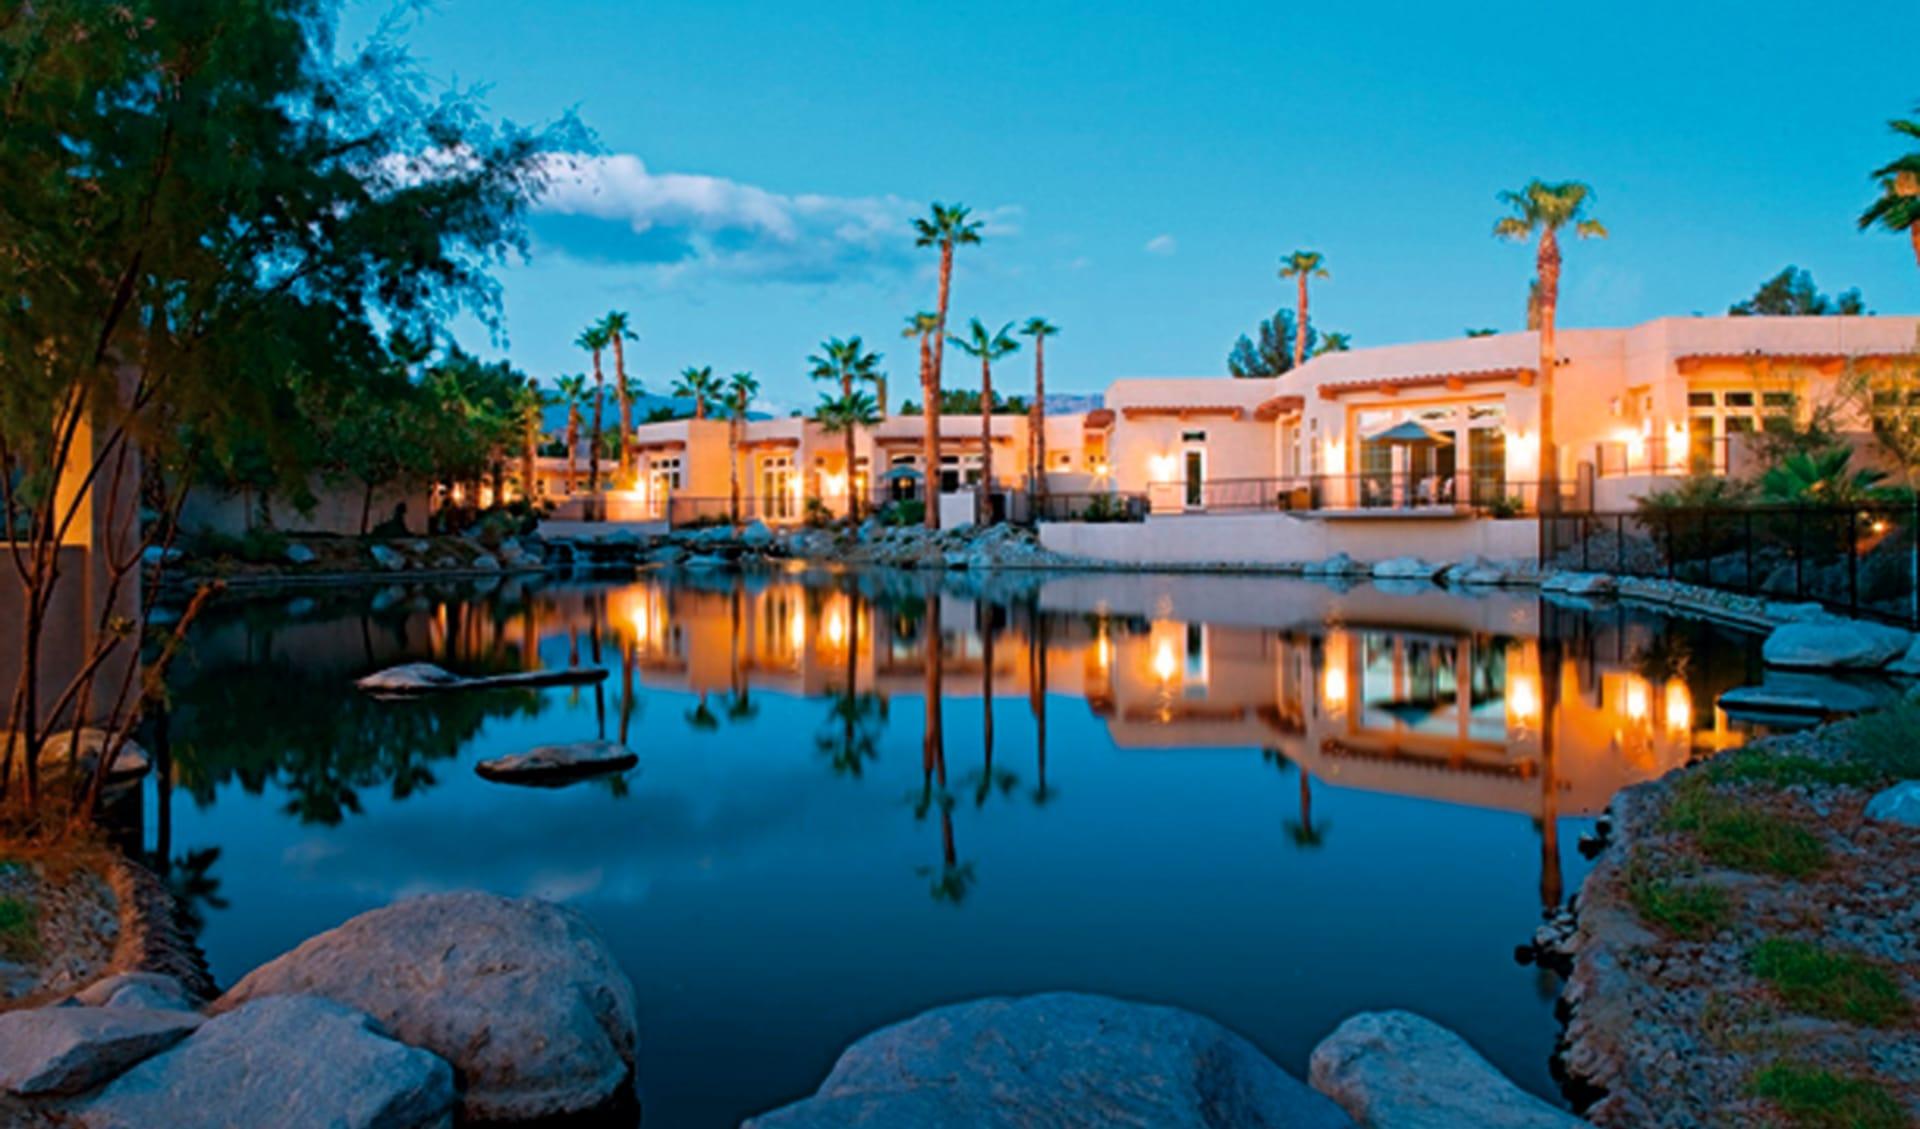 Hyatt Regency Indian Wells Resort & Spa: exterior hyatt regency indian wells resort and spa see hotel palmen